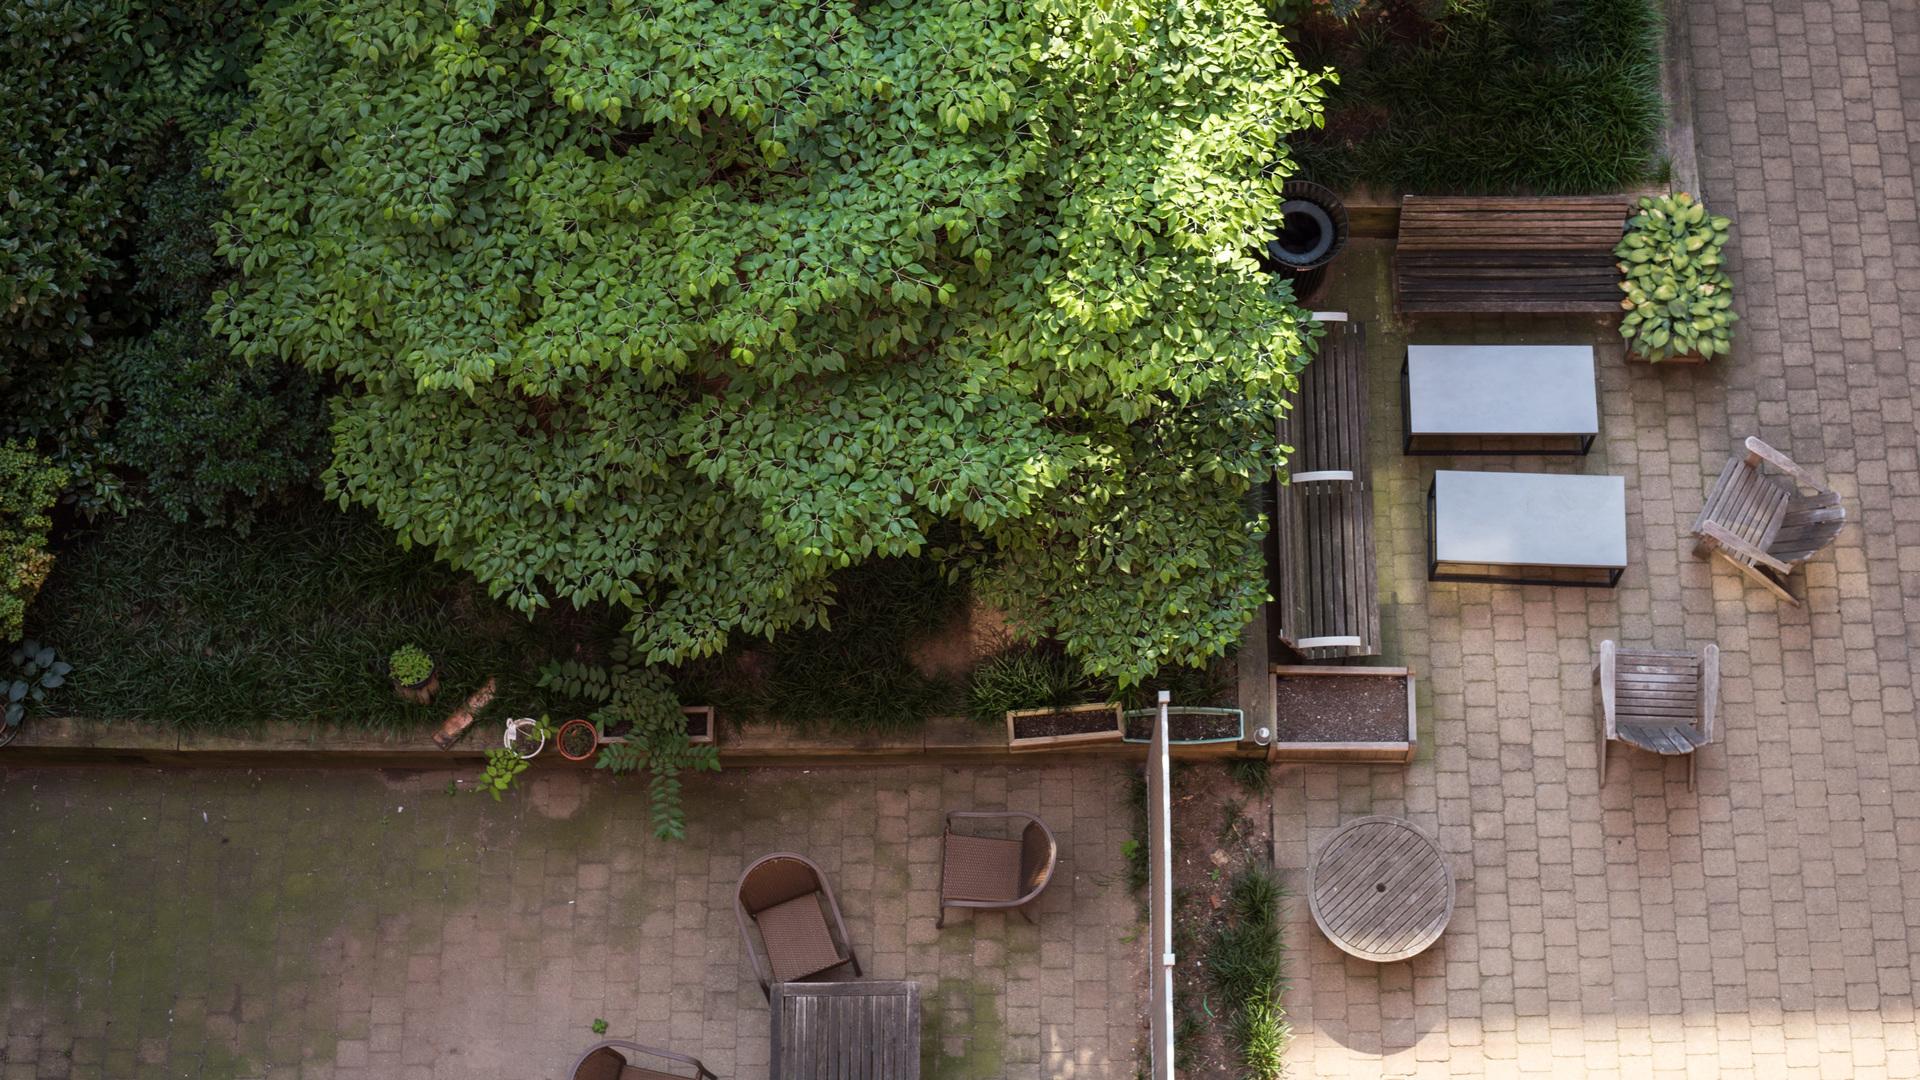 10 rutgers rooftop 7 13 18 5